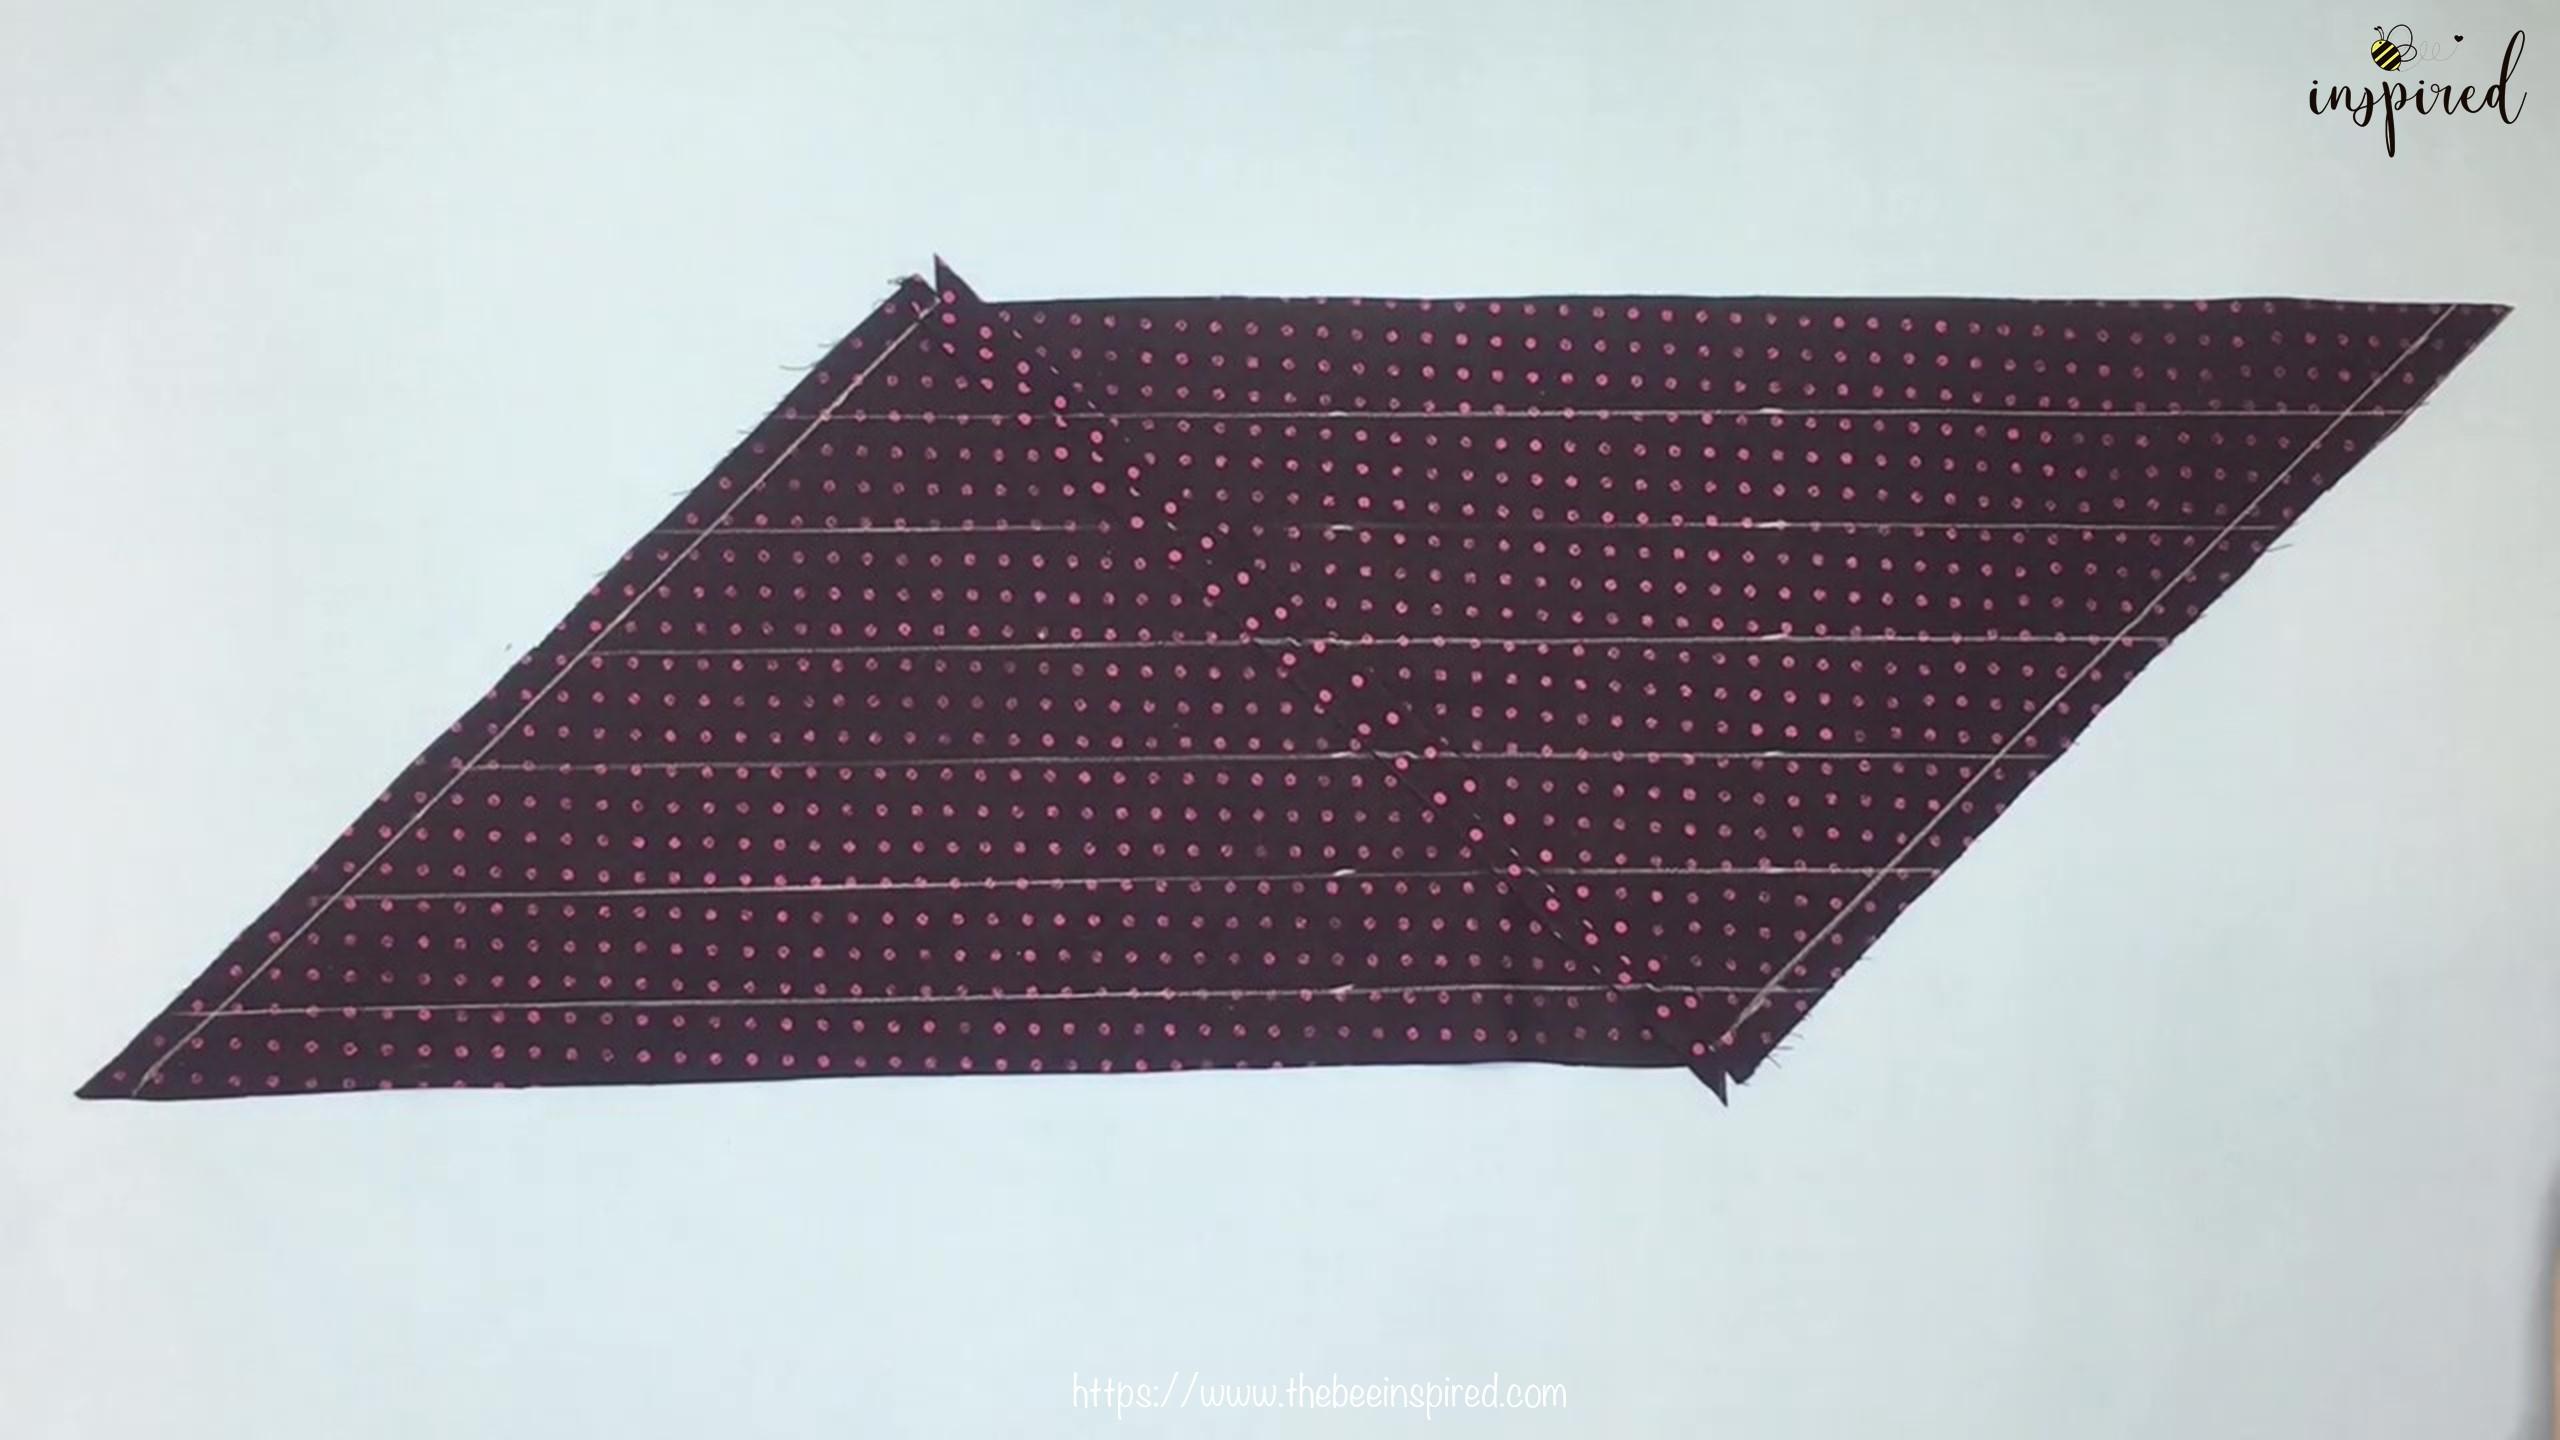 เทคนิคตัดและต่อผ้าเฉลียงที่ไม่ดูไม่ได้_ What is Fabric Grain & How to Make Continuous Bias Binding_8